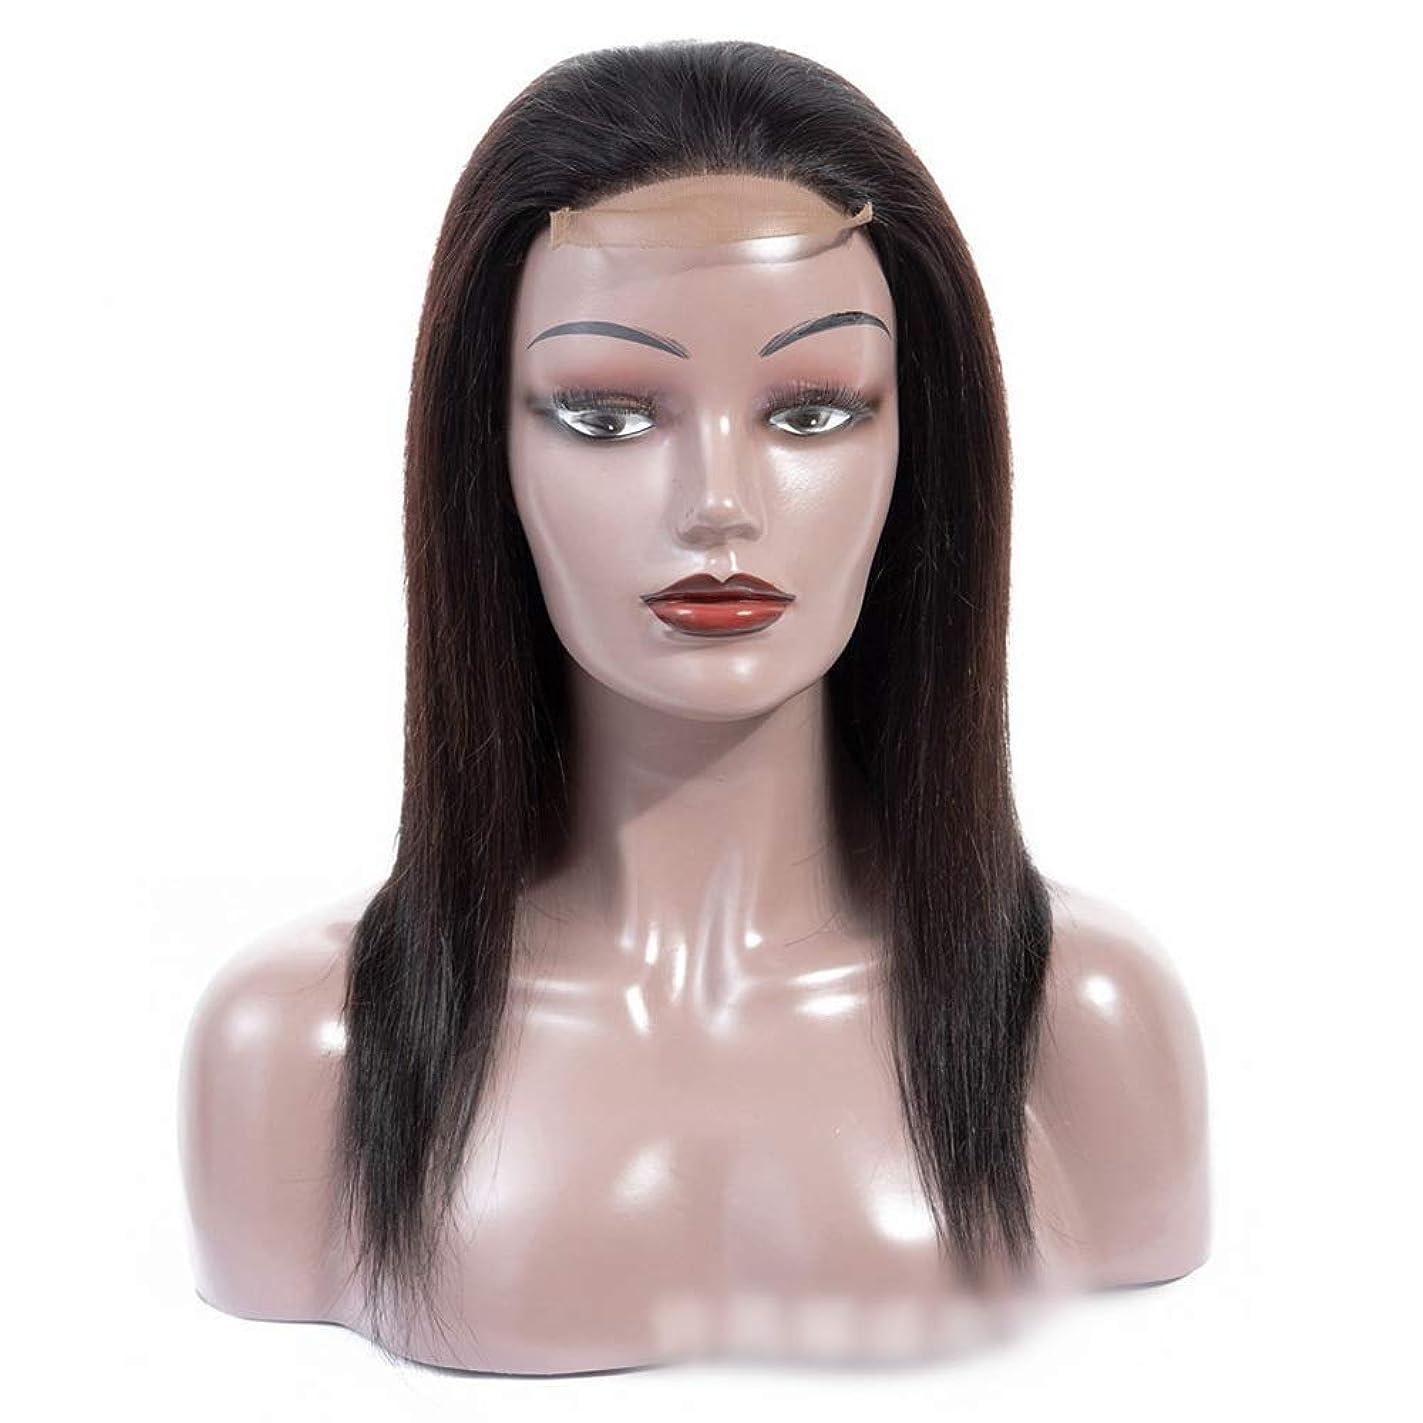 礼儀所得決定的Isikawan フリーパート4×4シルキーストレート人間の髪の毛のレース閉鎖かつら12インチレース前頭100%本物の髪の拡張子 (色 : ブラック, サイズ : 14 inch)